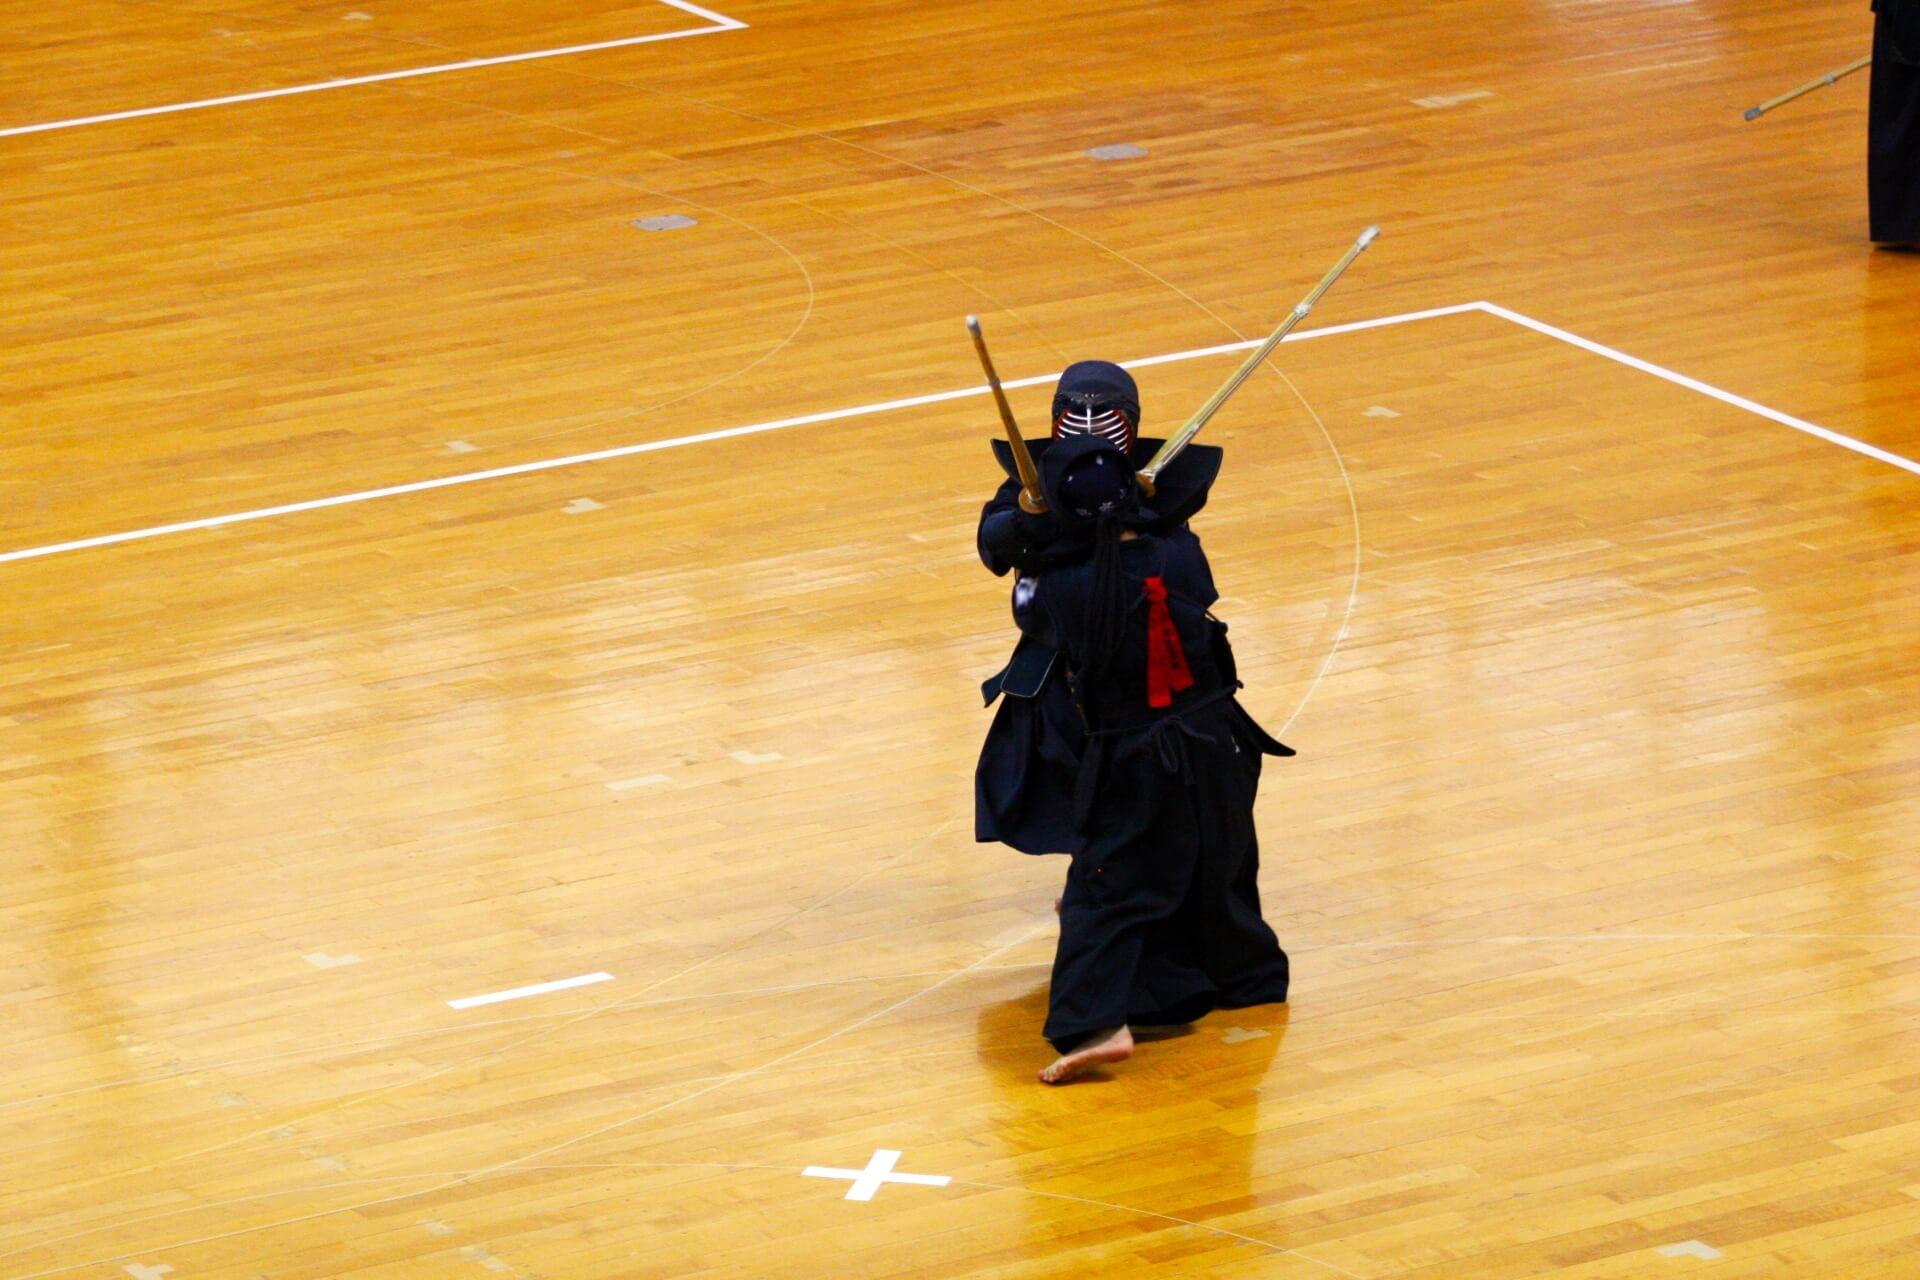 ゼロから覚えよう、剣道のルールブックまとめ